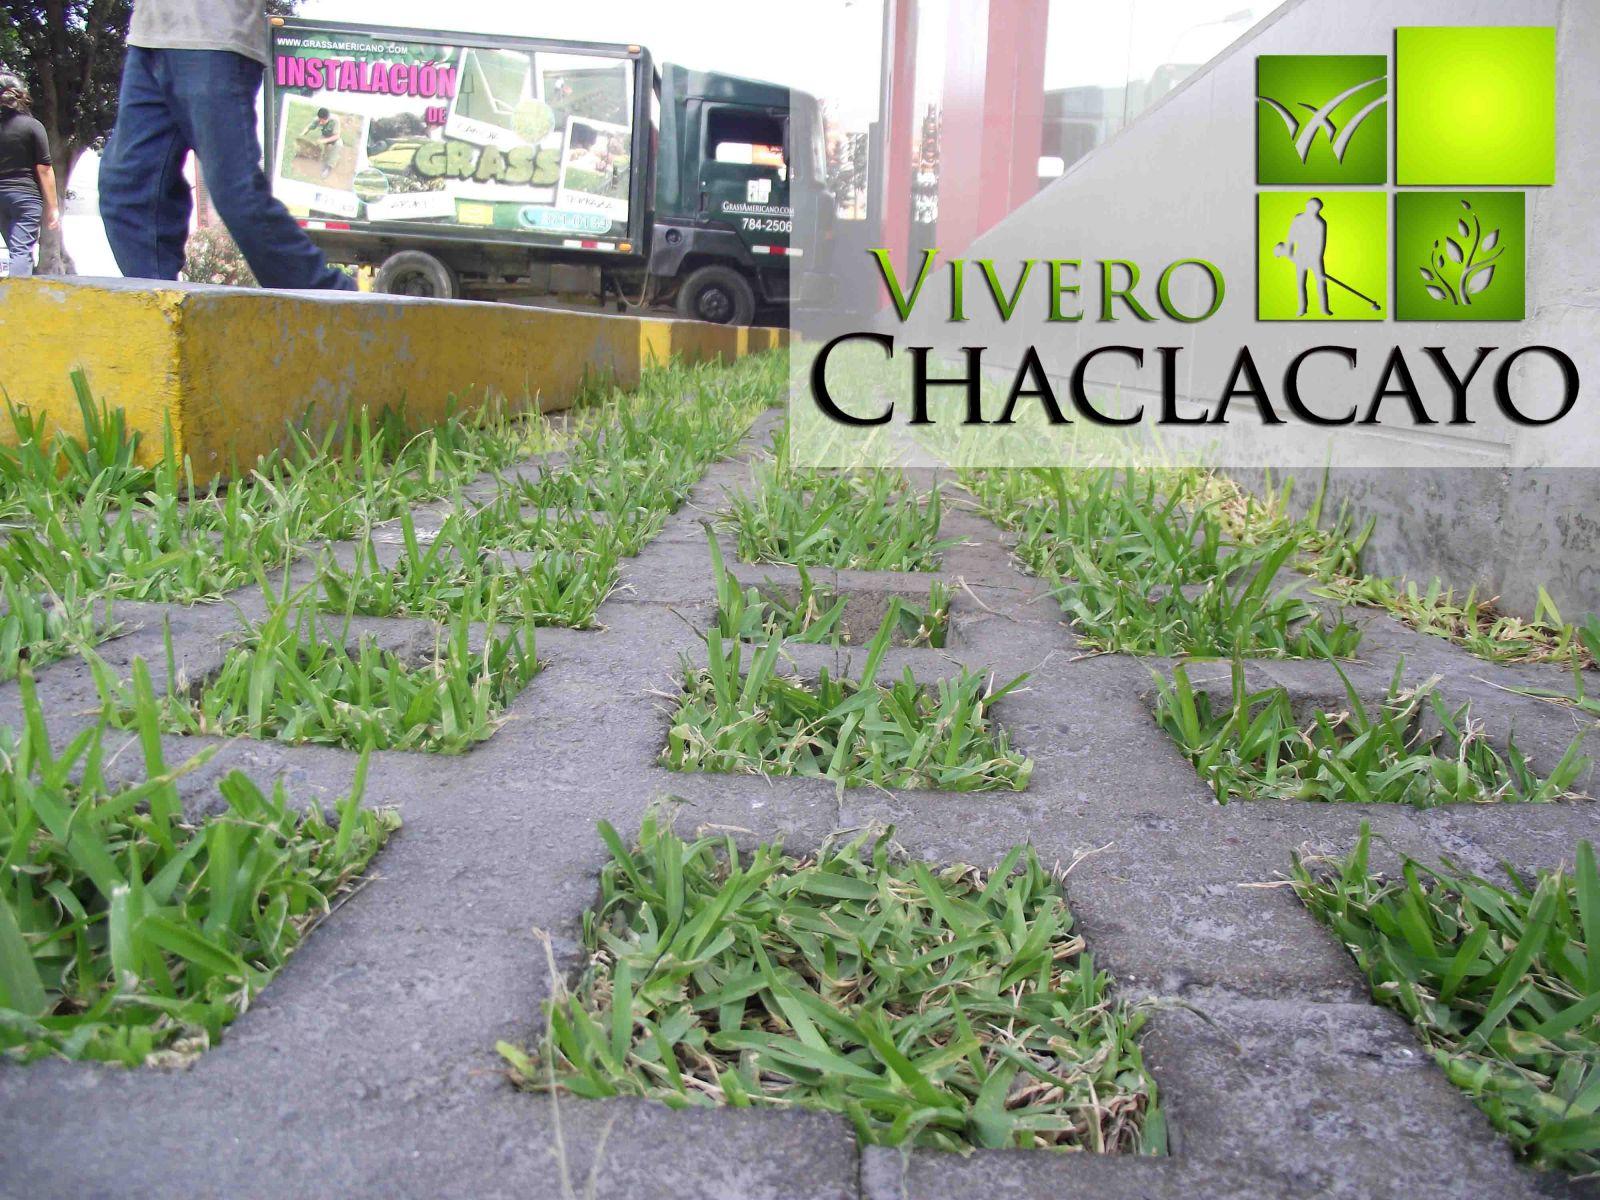 Poda de grass block michi san isidro vivero chaclacayo for Viveros en lima